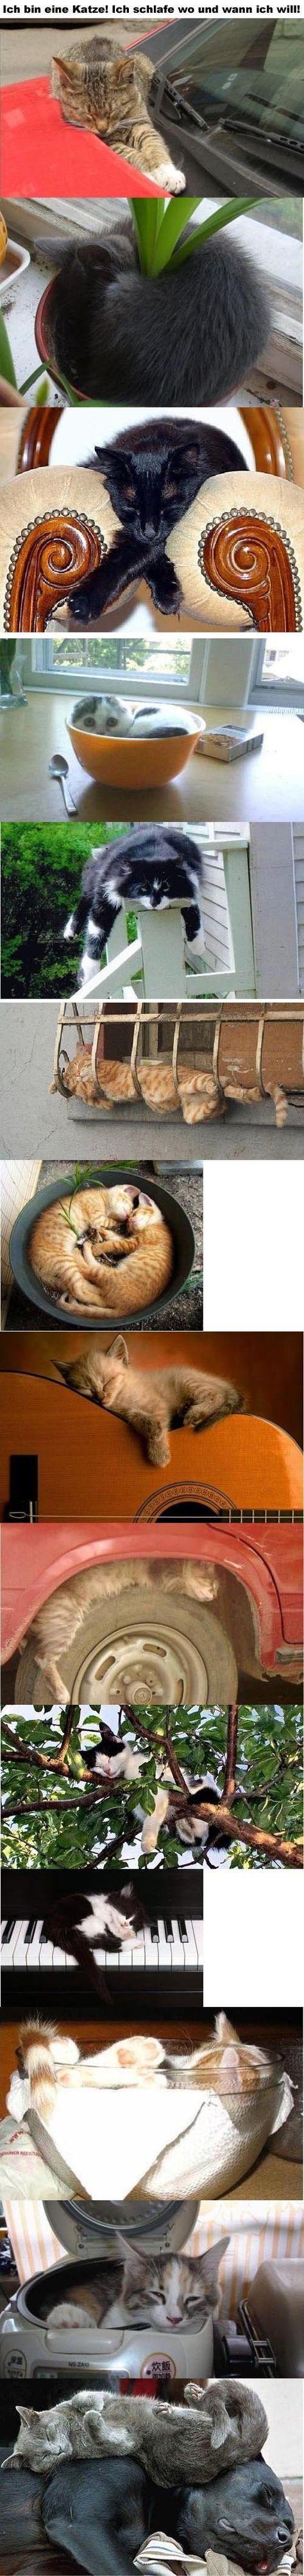 Ich bin eine Katze! Ich schlafe wo und wann ich will - Win Bild | Webfail - Fail Bilder und Fail Videos